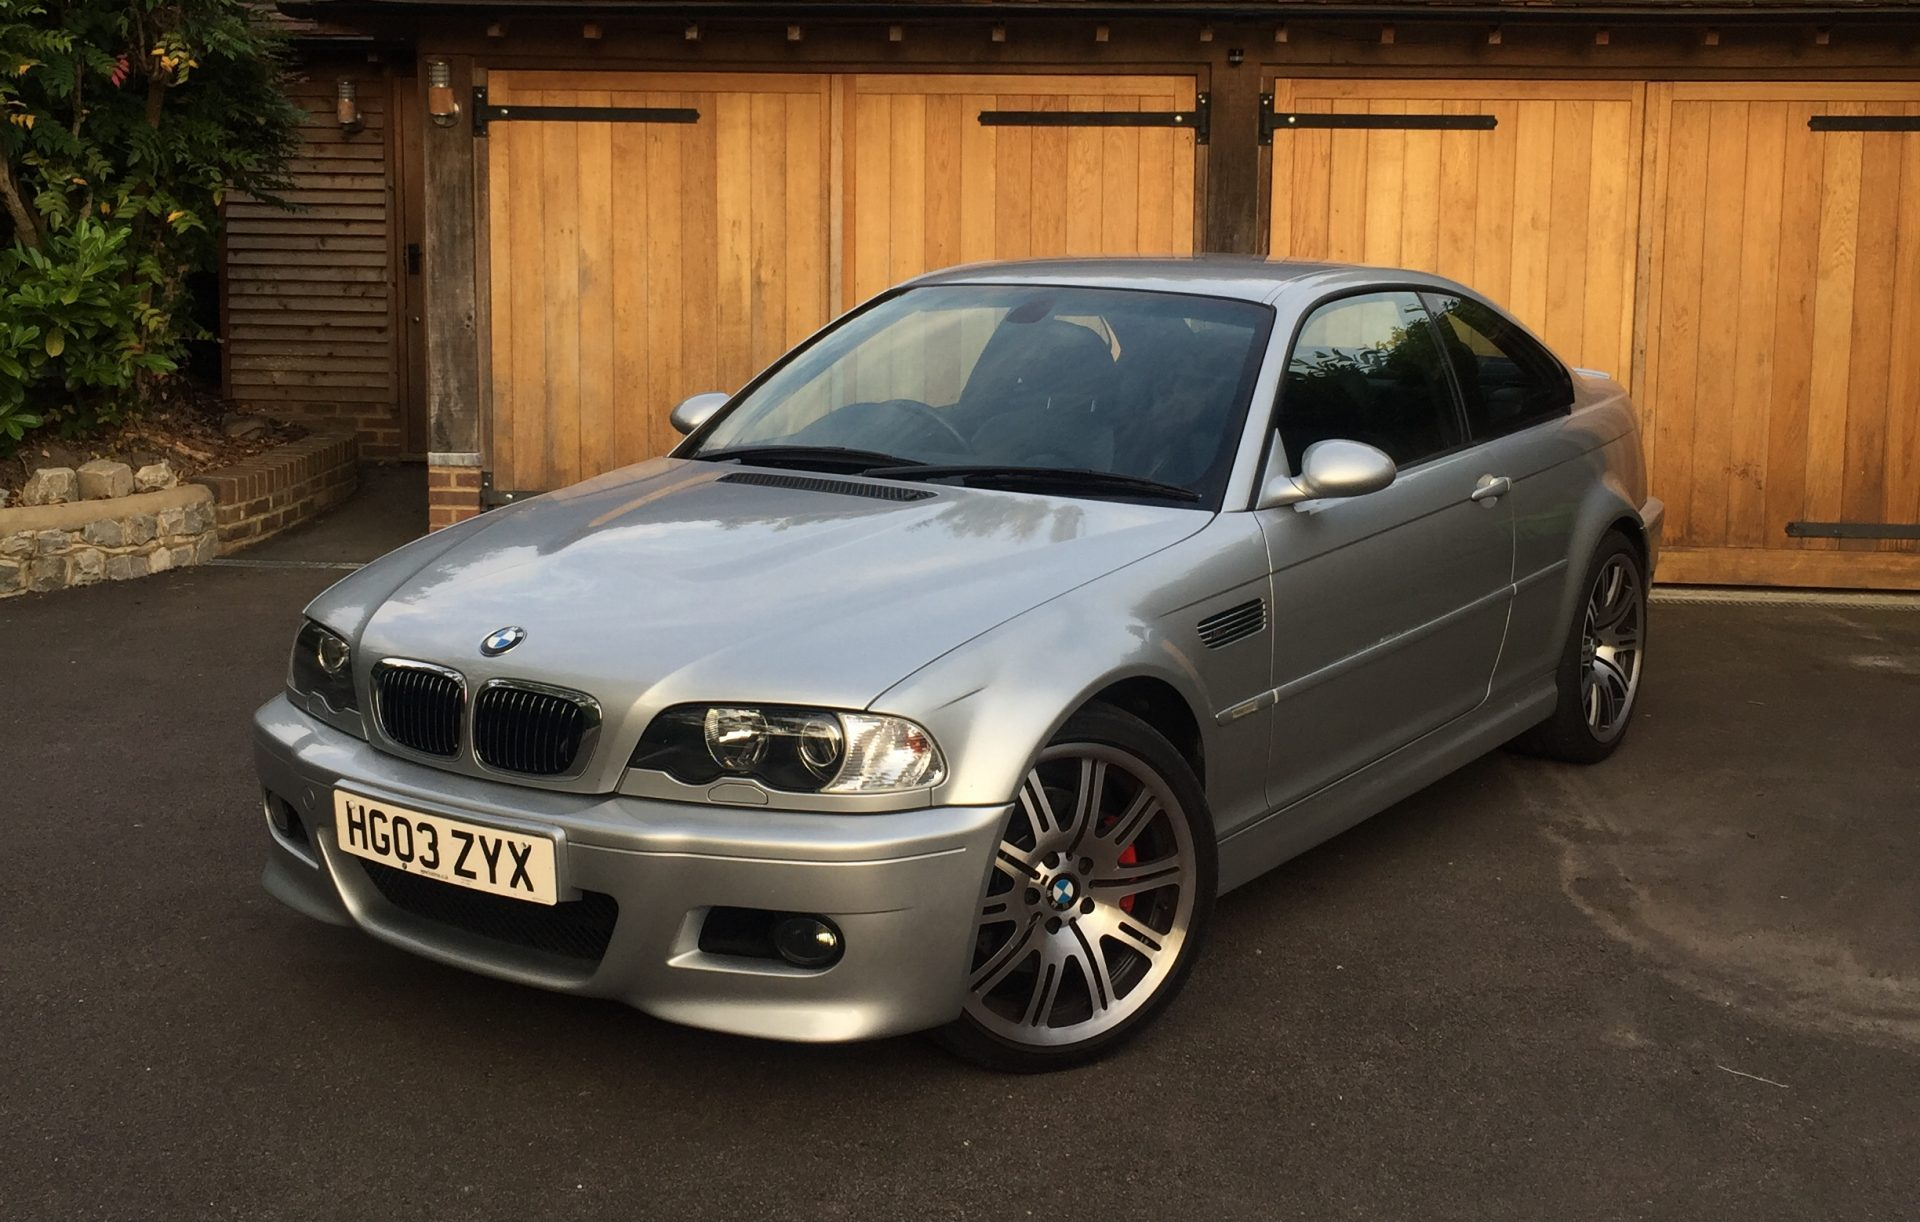 Our Classics: 2003 BMW M3 E46